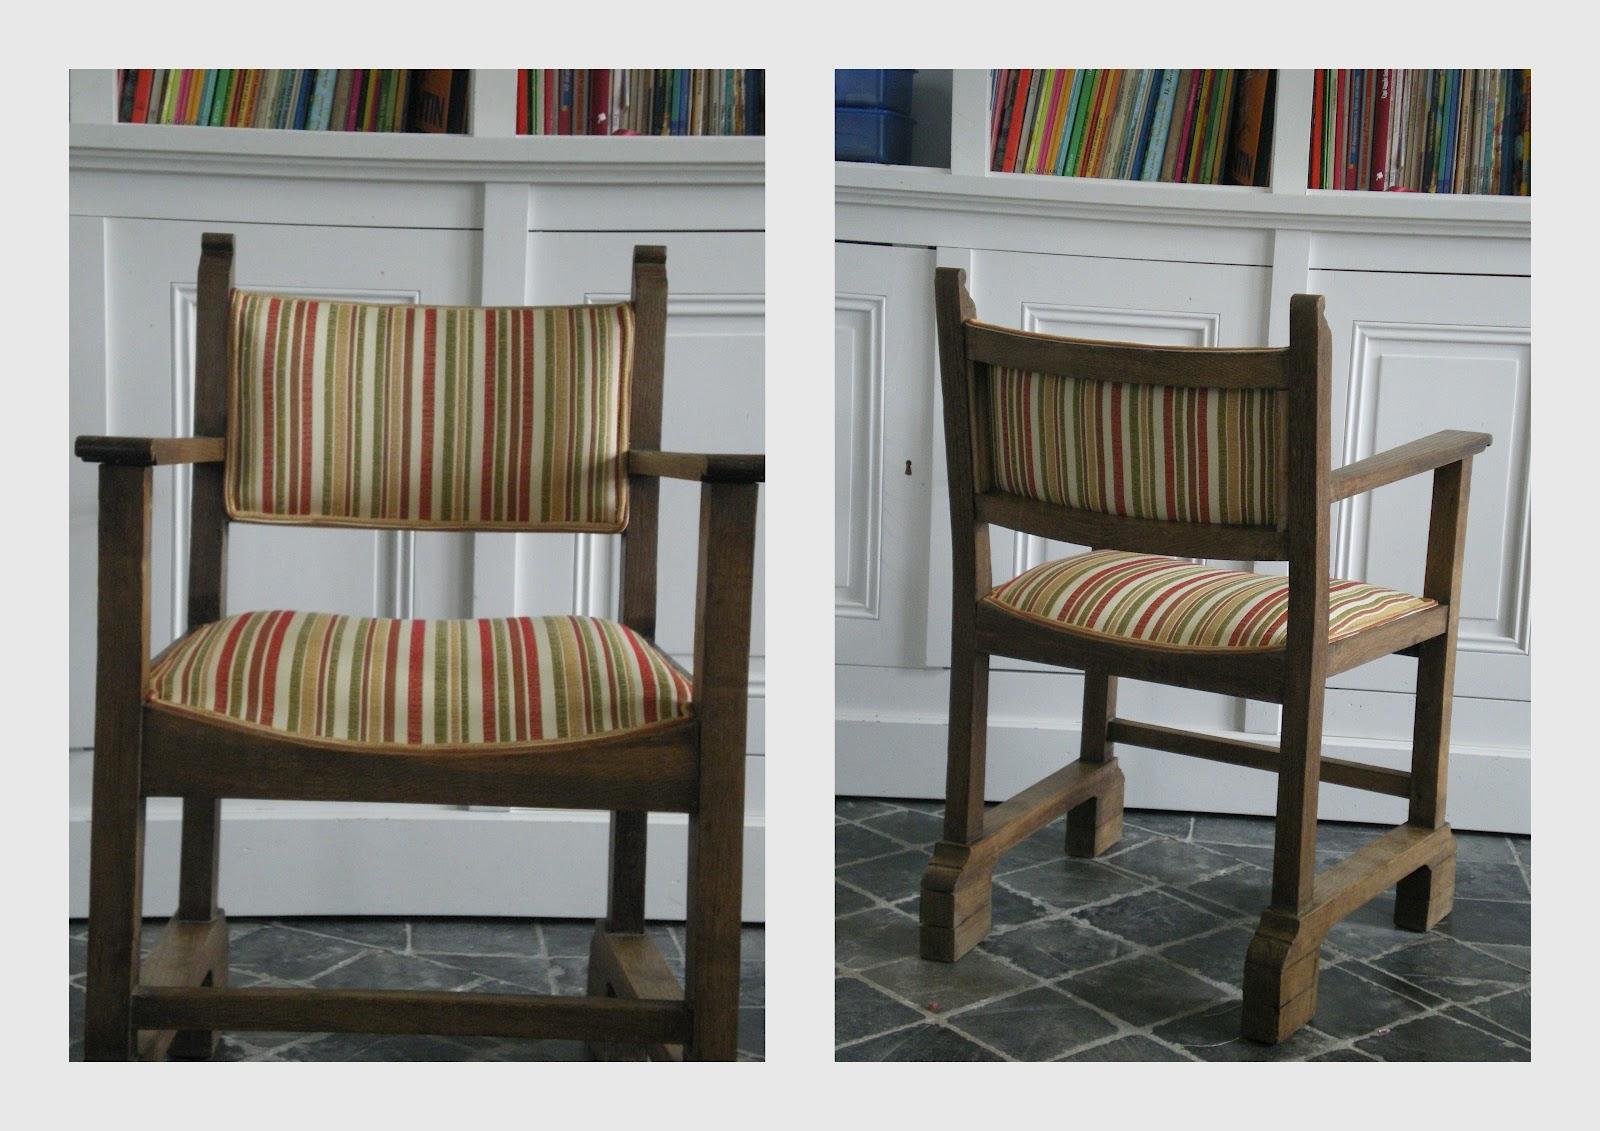 garnissage l 39 ancienne chaises fauteuils de bureau. Black Bedroom Furniture Sets. Home Design Ideas